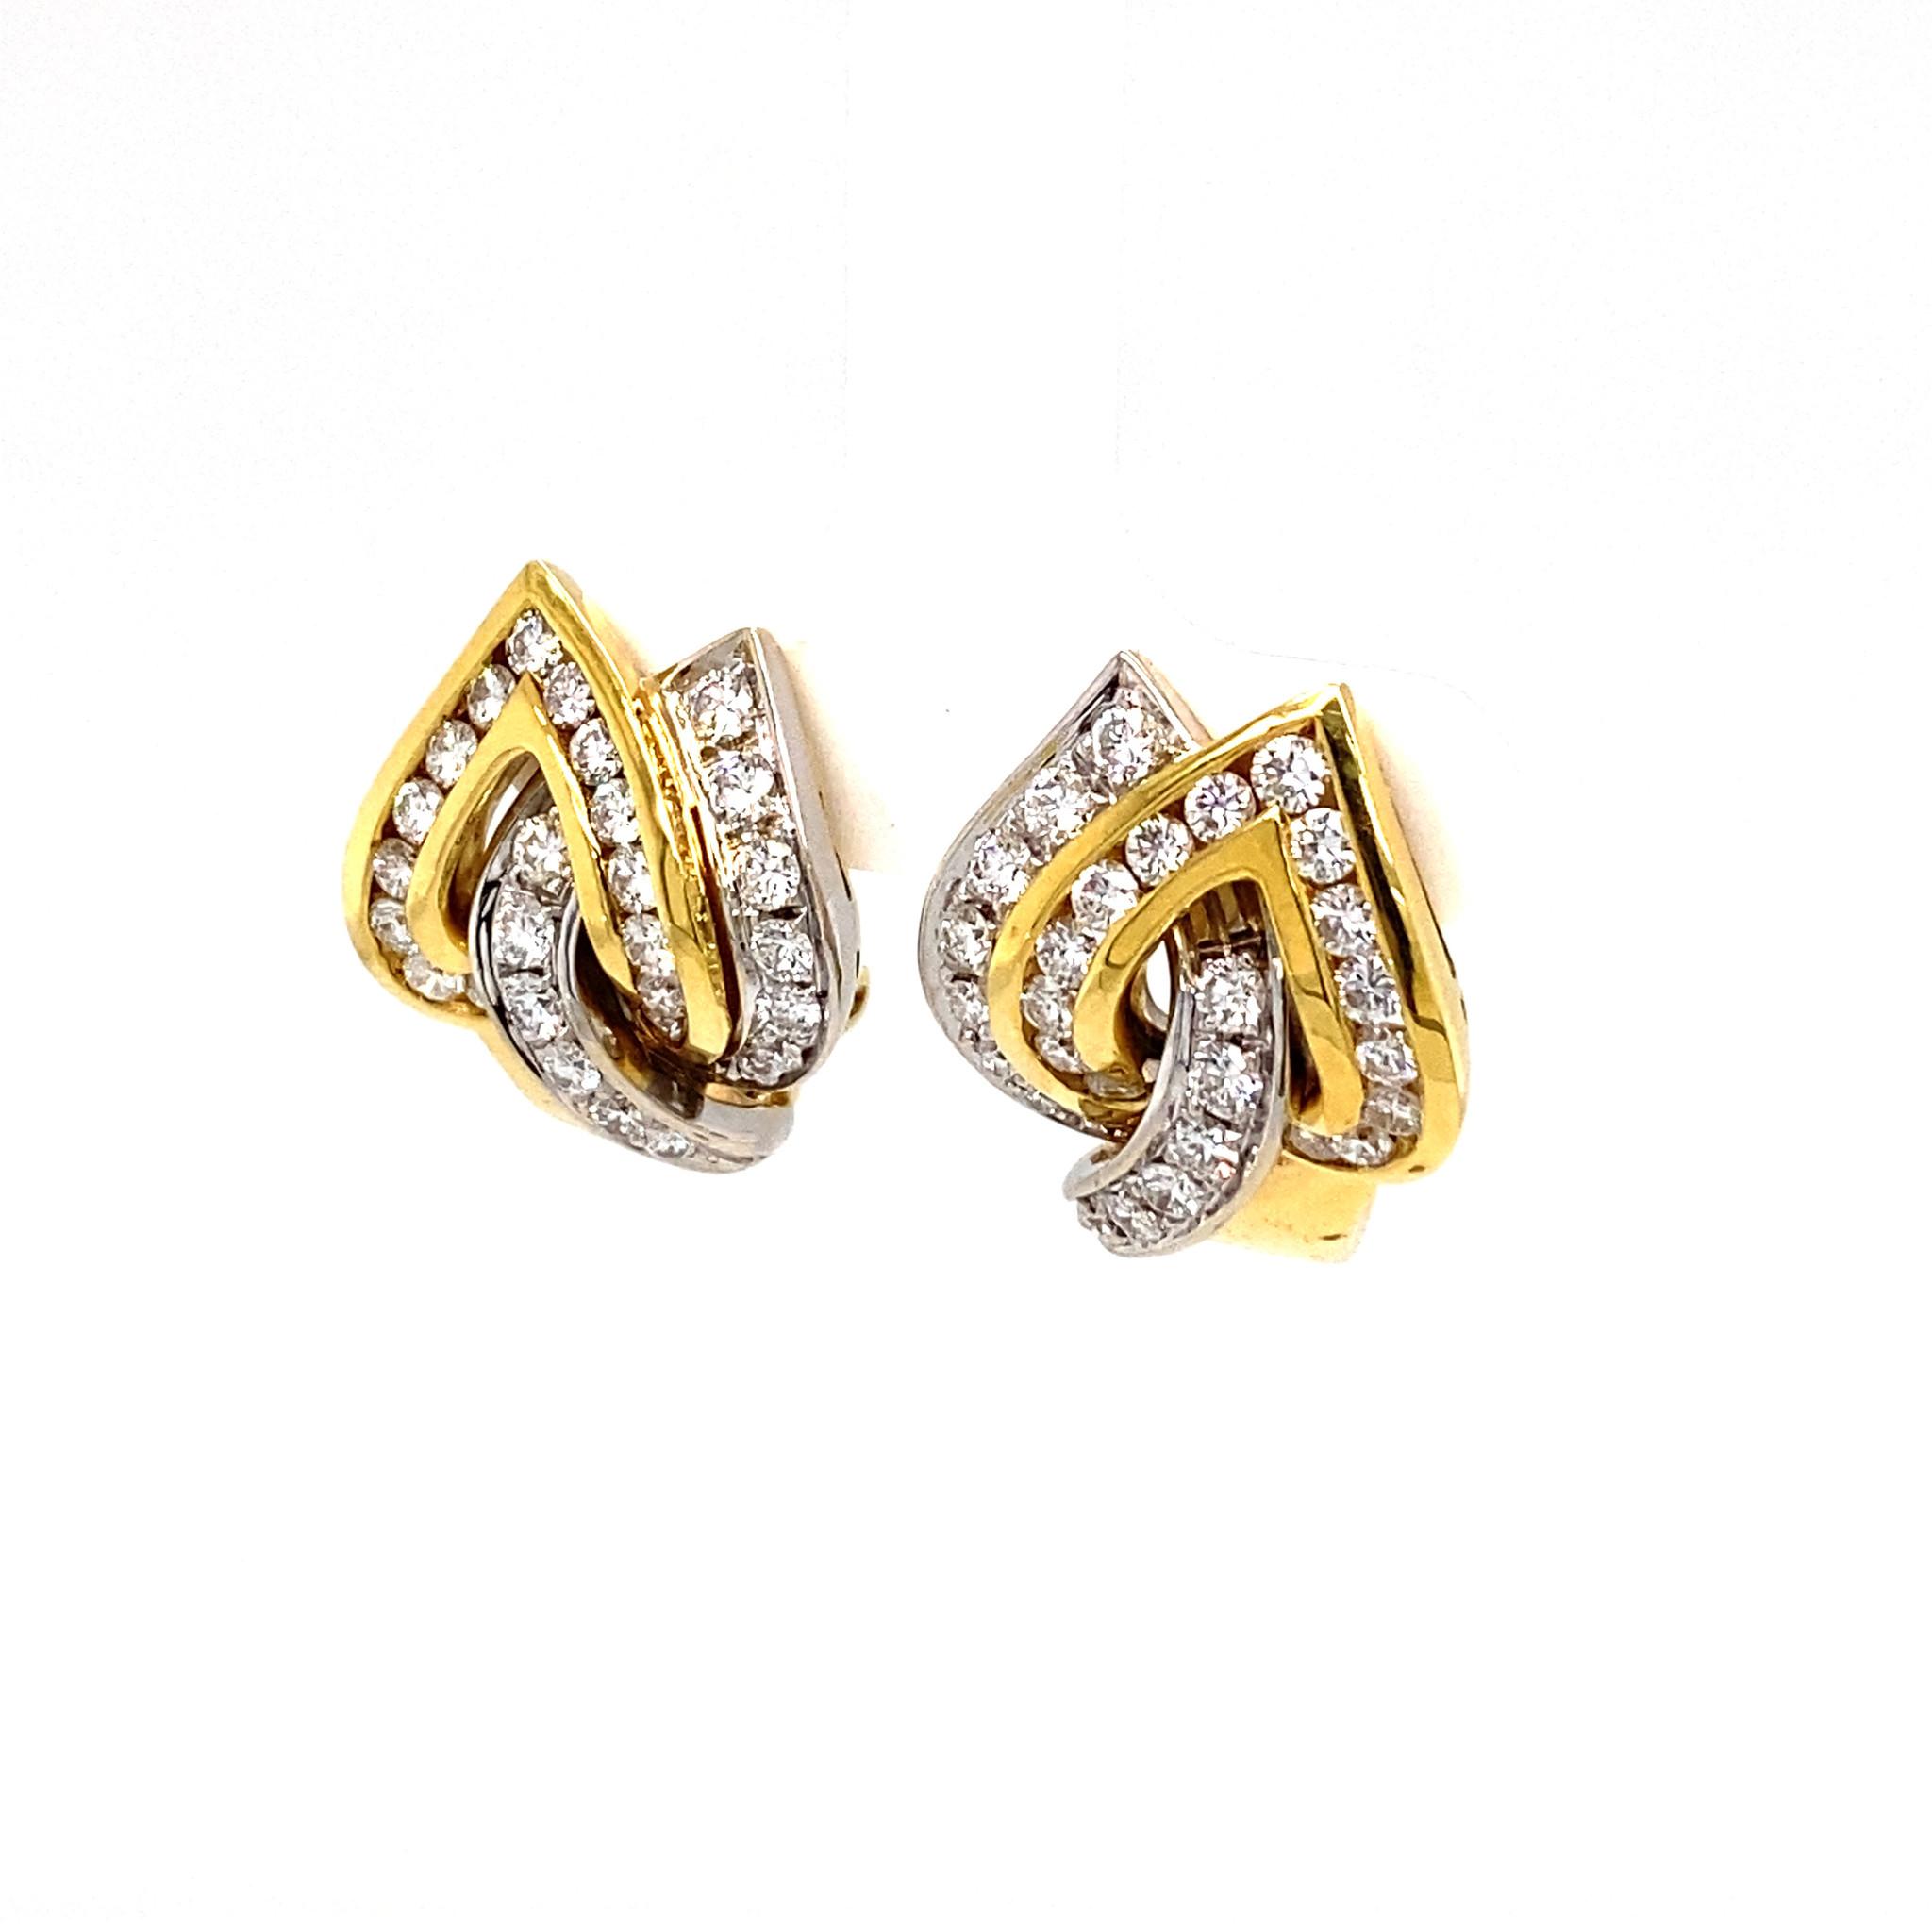 Leo Pizzo Leo Pizzo wit- en geelgouden oorbellen met diamant